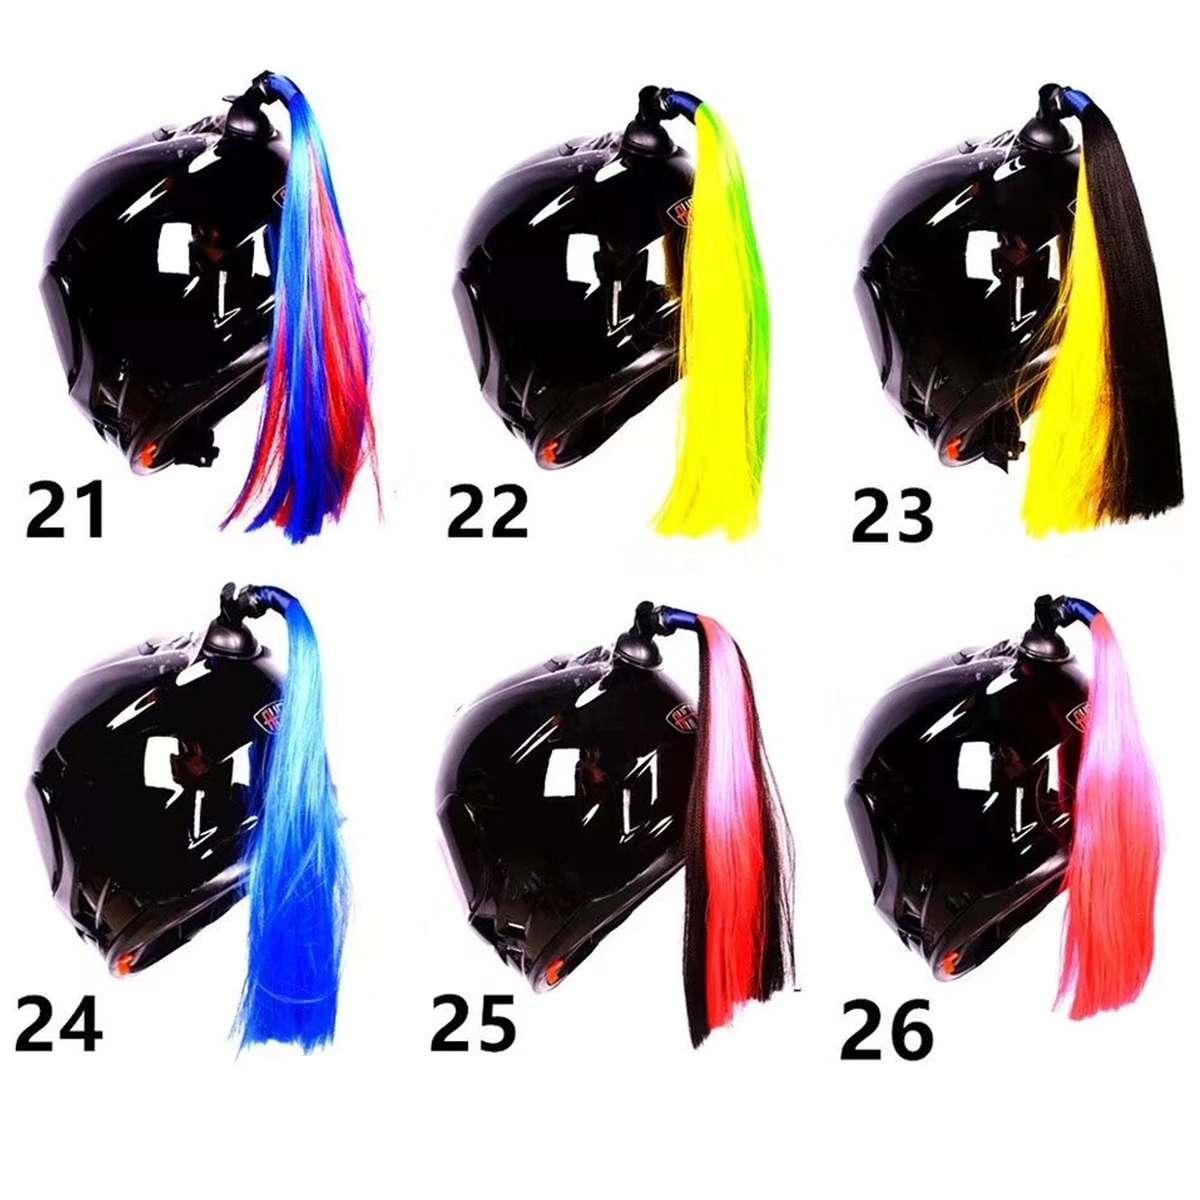 Gradient Ramp Helmet Braids Ponytail Helmet Hair Pigtails Motorcycle Bike Decor